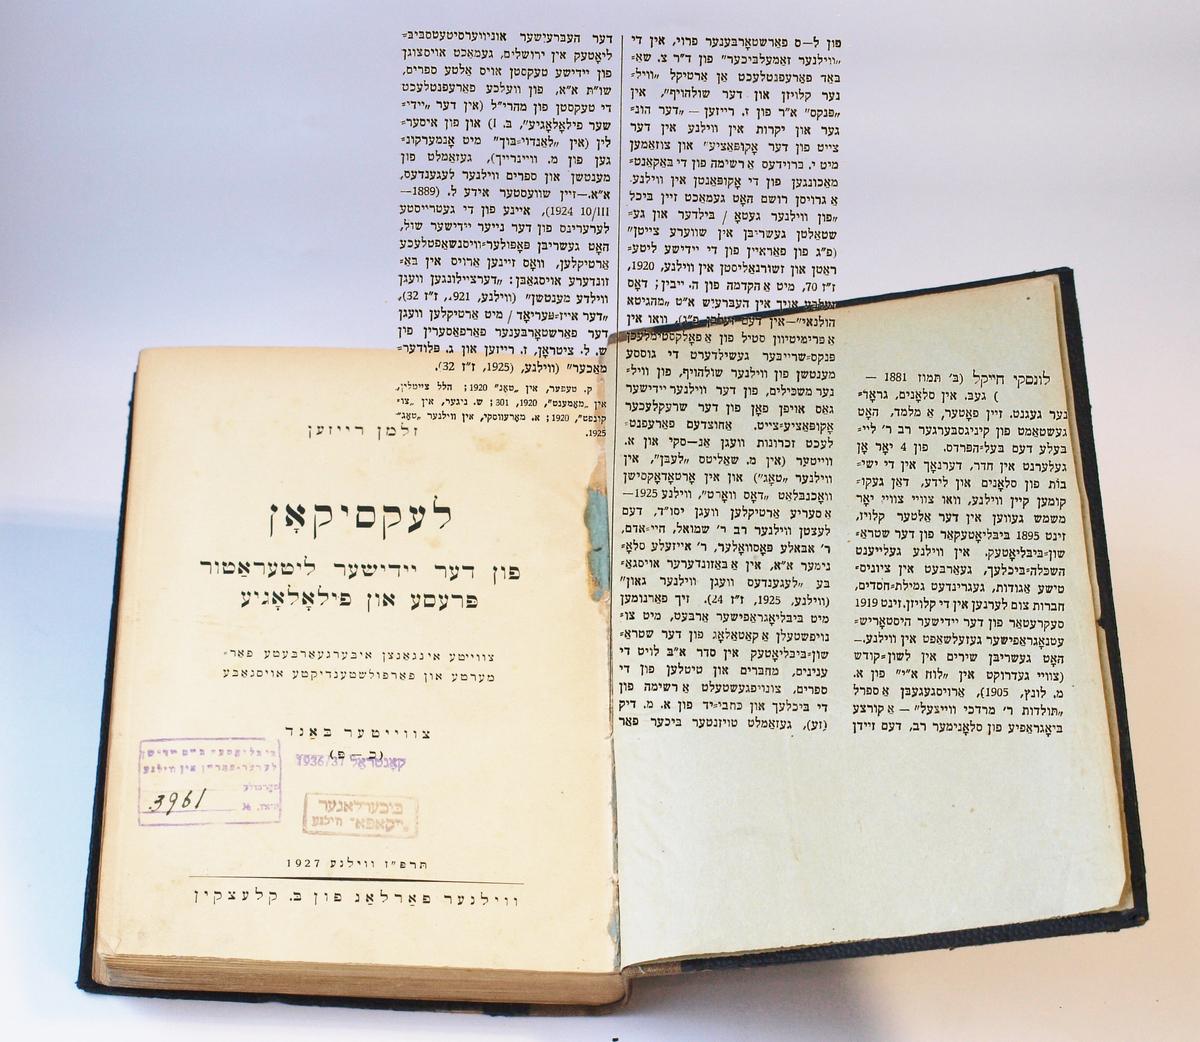 """Straipsnis apie Chaiklą Lunskį Zalmeno Reizeno enciklopediniame žodyne """"Leksikon fun der yidishe literatur, prese un filologie"""" (jid. Žydų literatūros, spaudos ir filologijos leksikonas). T. 1. <br /> Vilnius, Boriso Kleckino leidykla, 1927."""